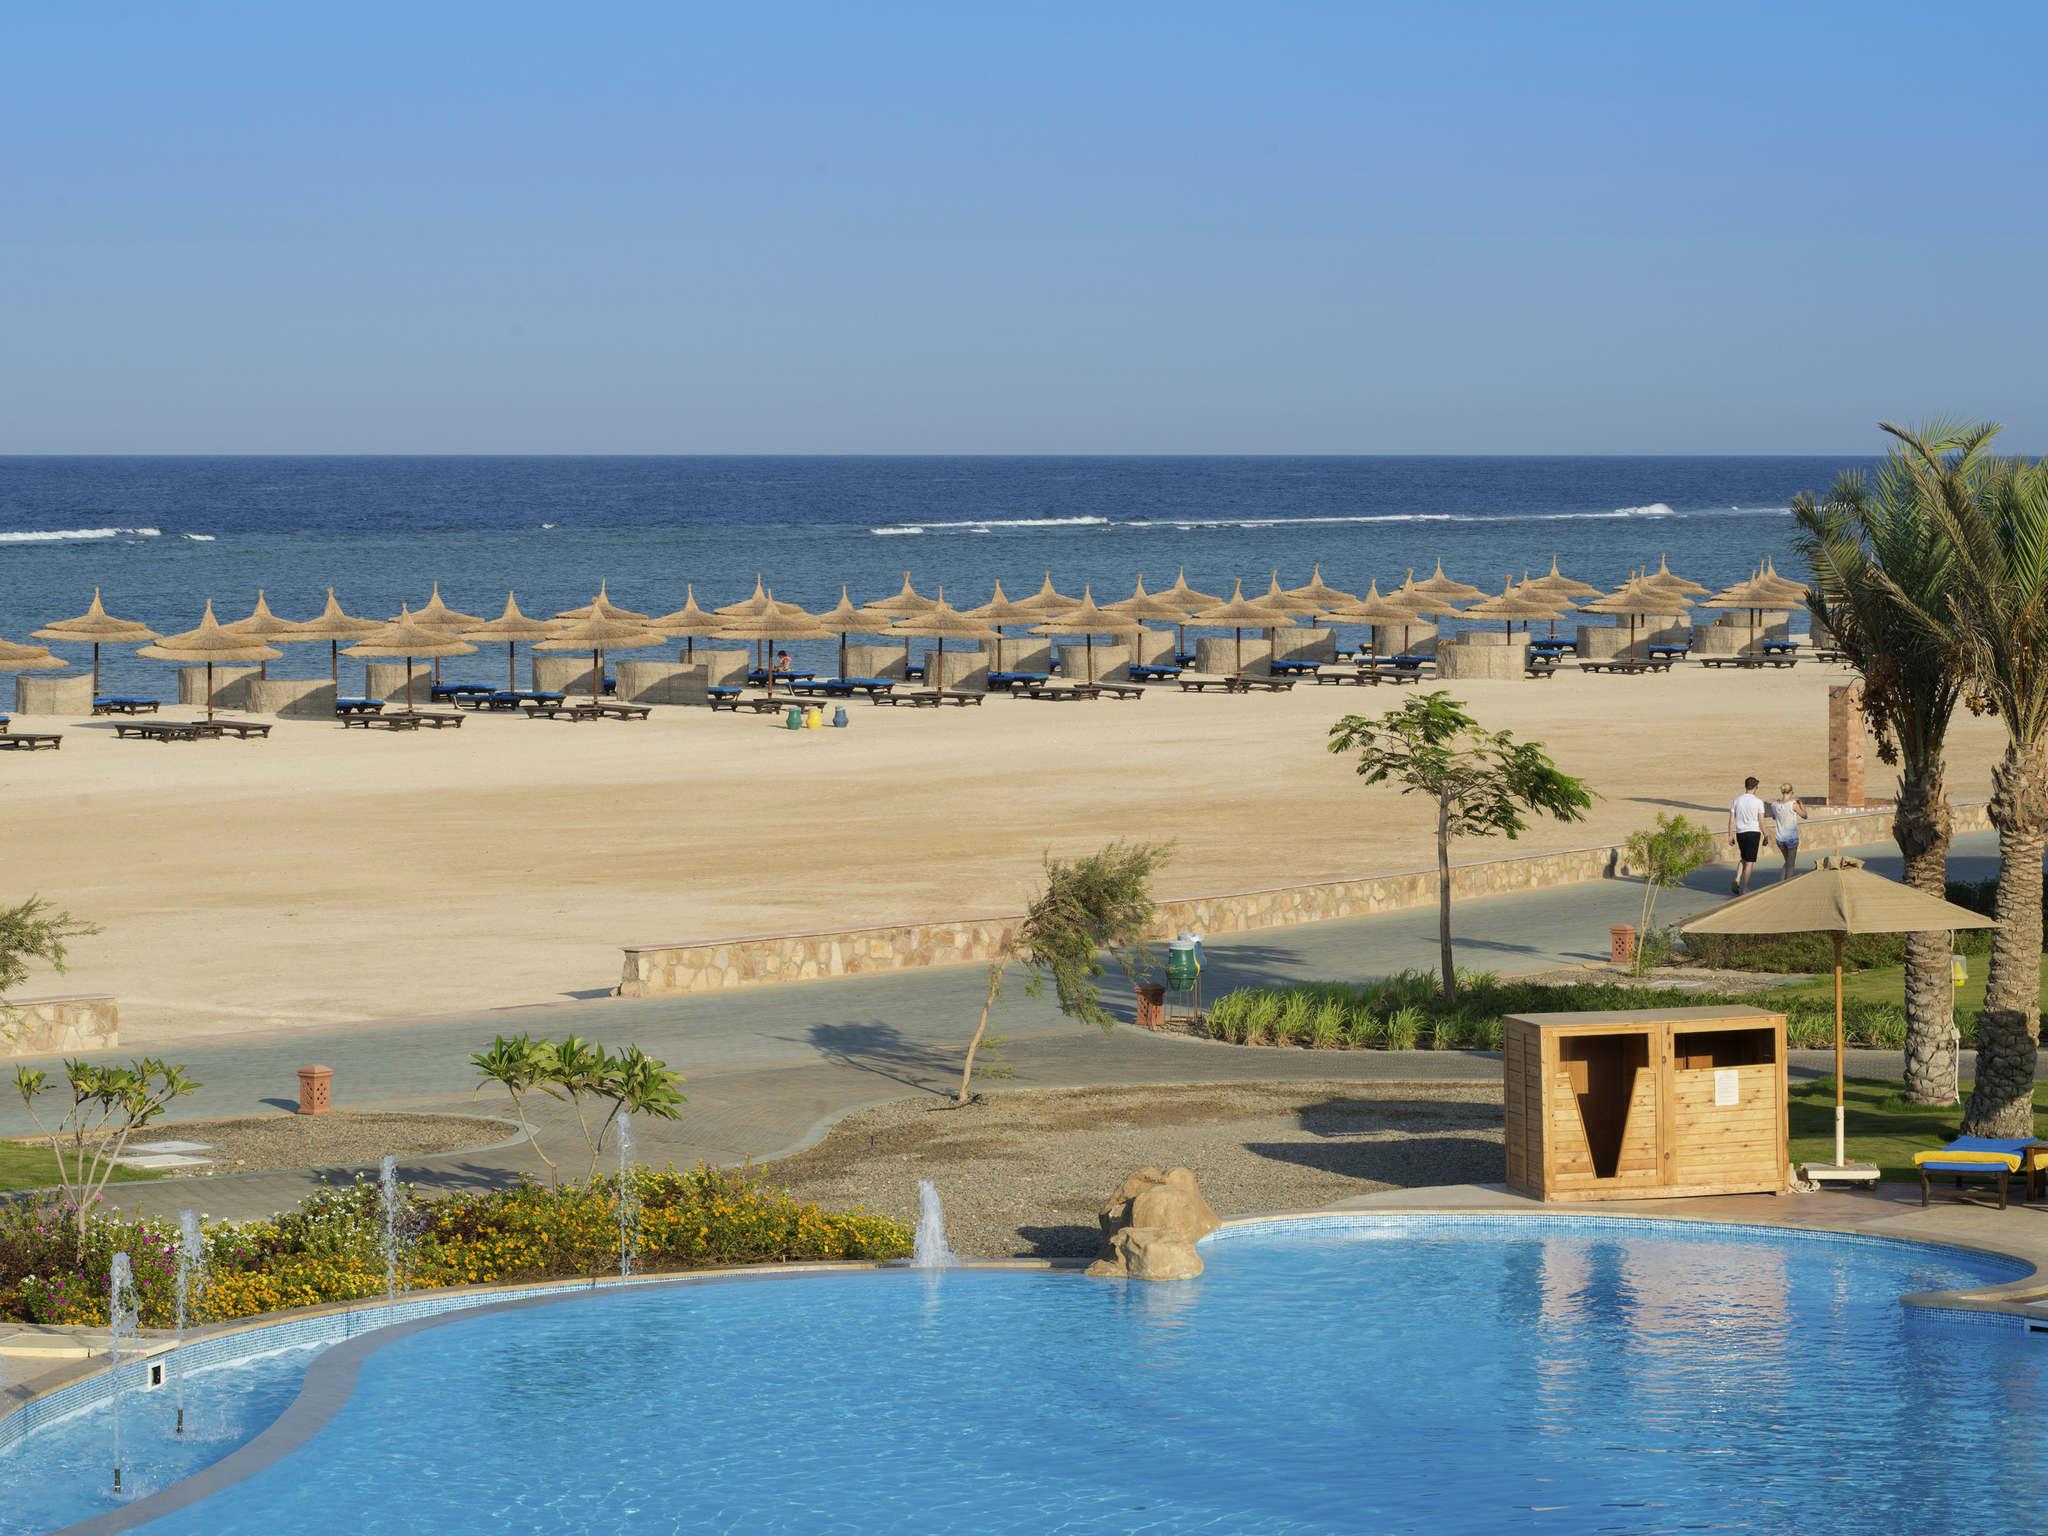 Hotel - Novotel Marsa Alam